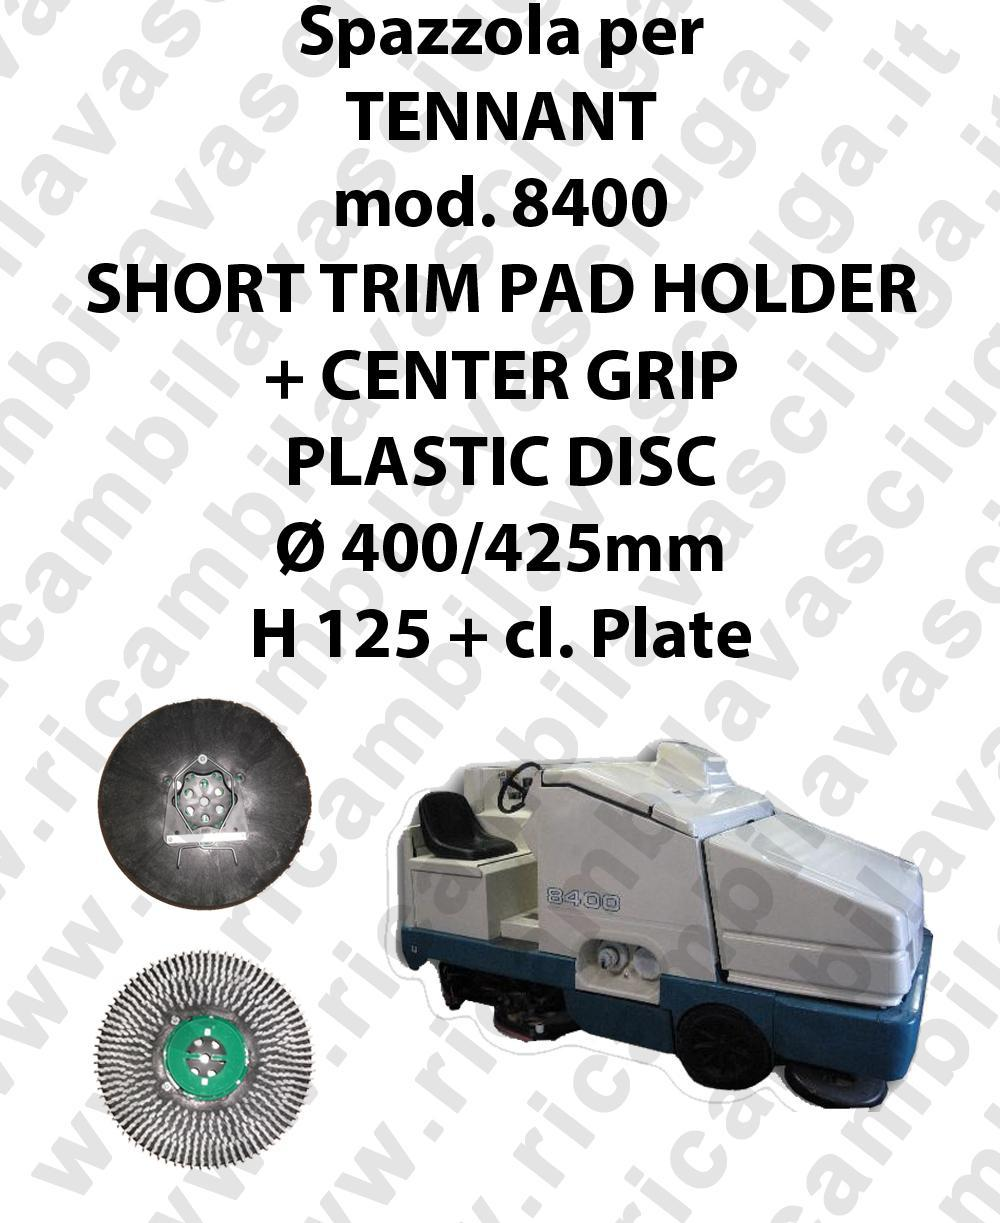 8400 SHORT TRIM Treiberteller + CENTER GRIP für scheuersaugmaschinen TENNANT